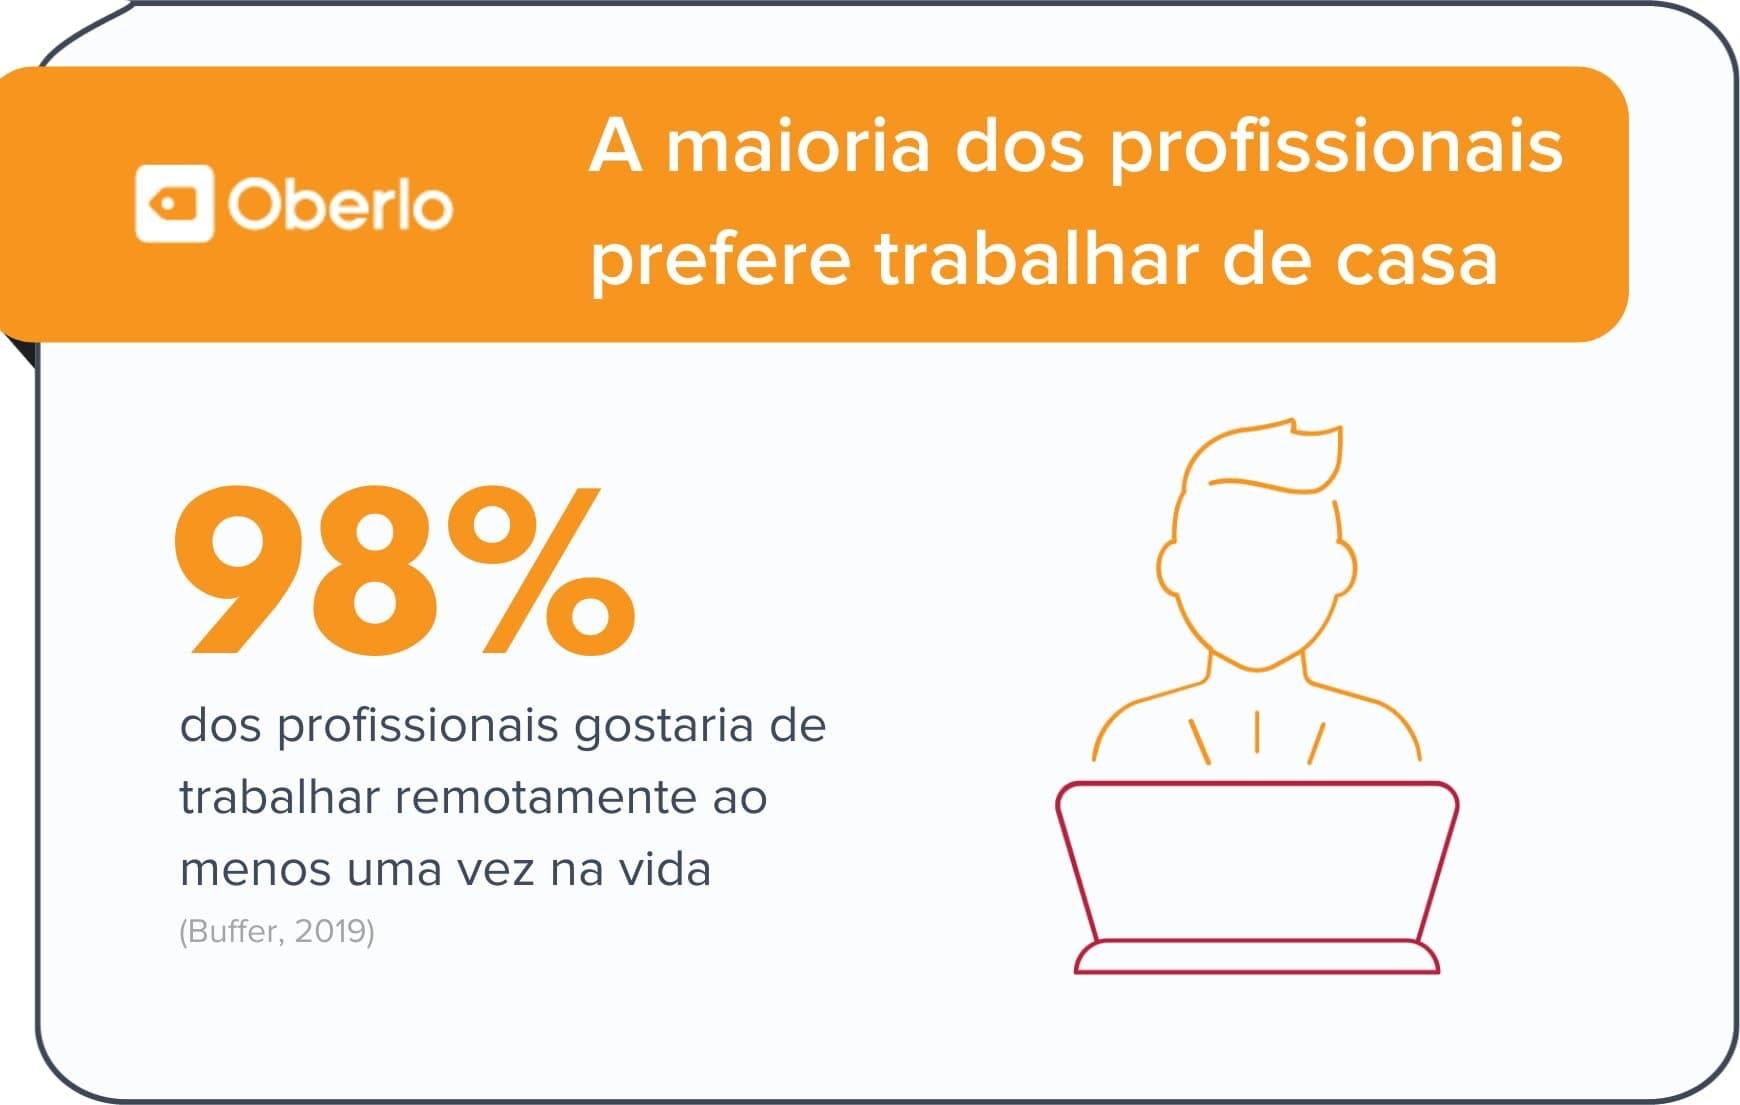 Trabalhar de casa é preferência entre brasileiros de acordo com estatísticas home office